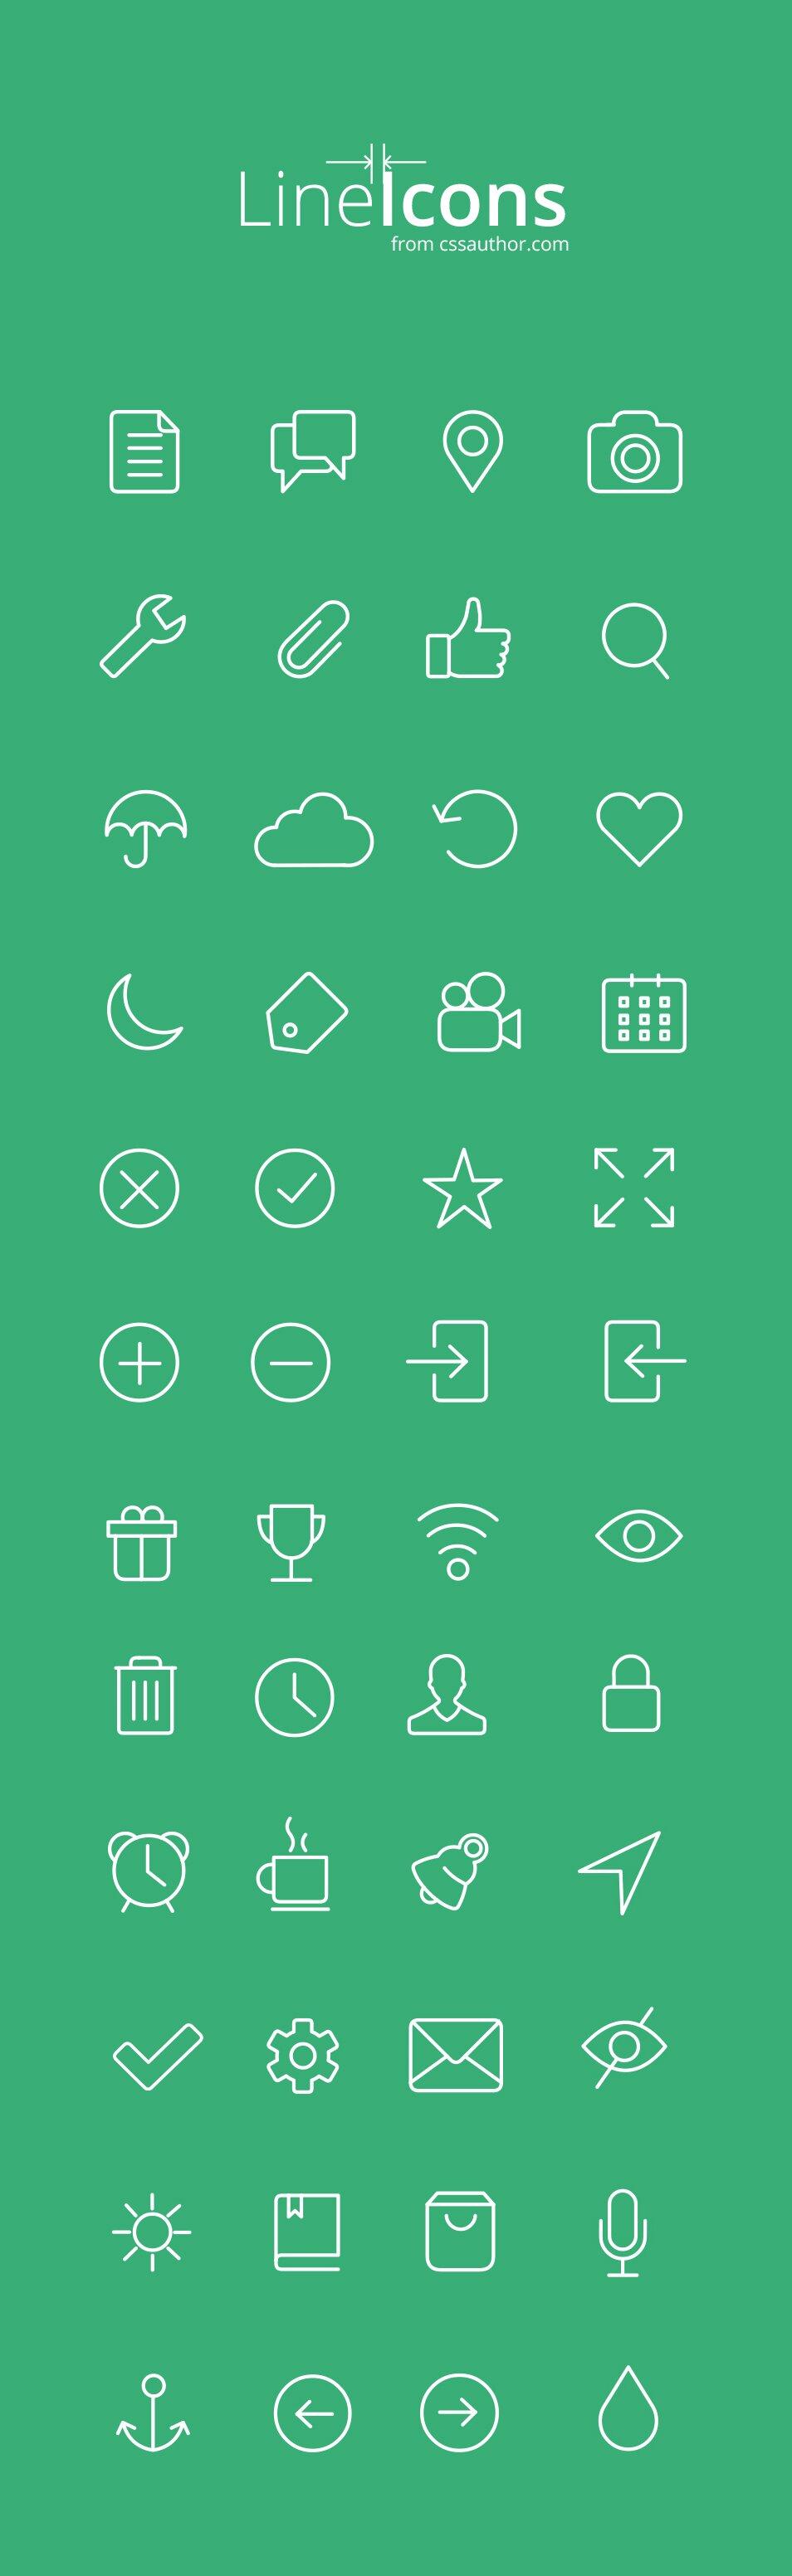 Line icones